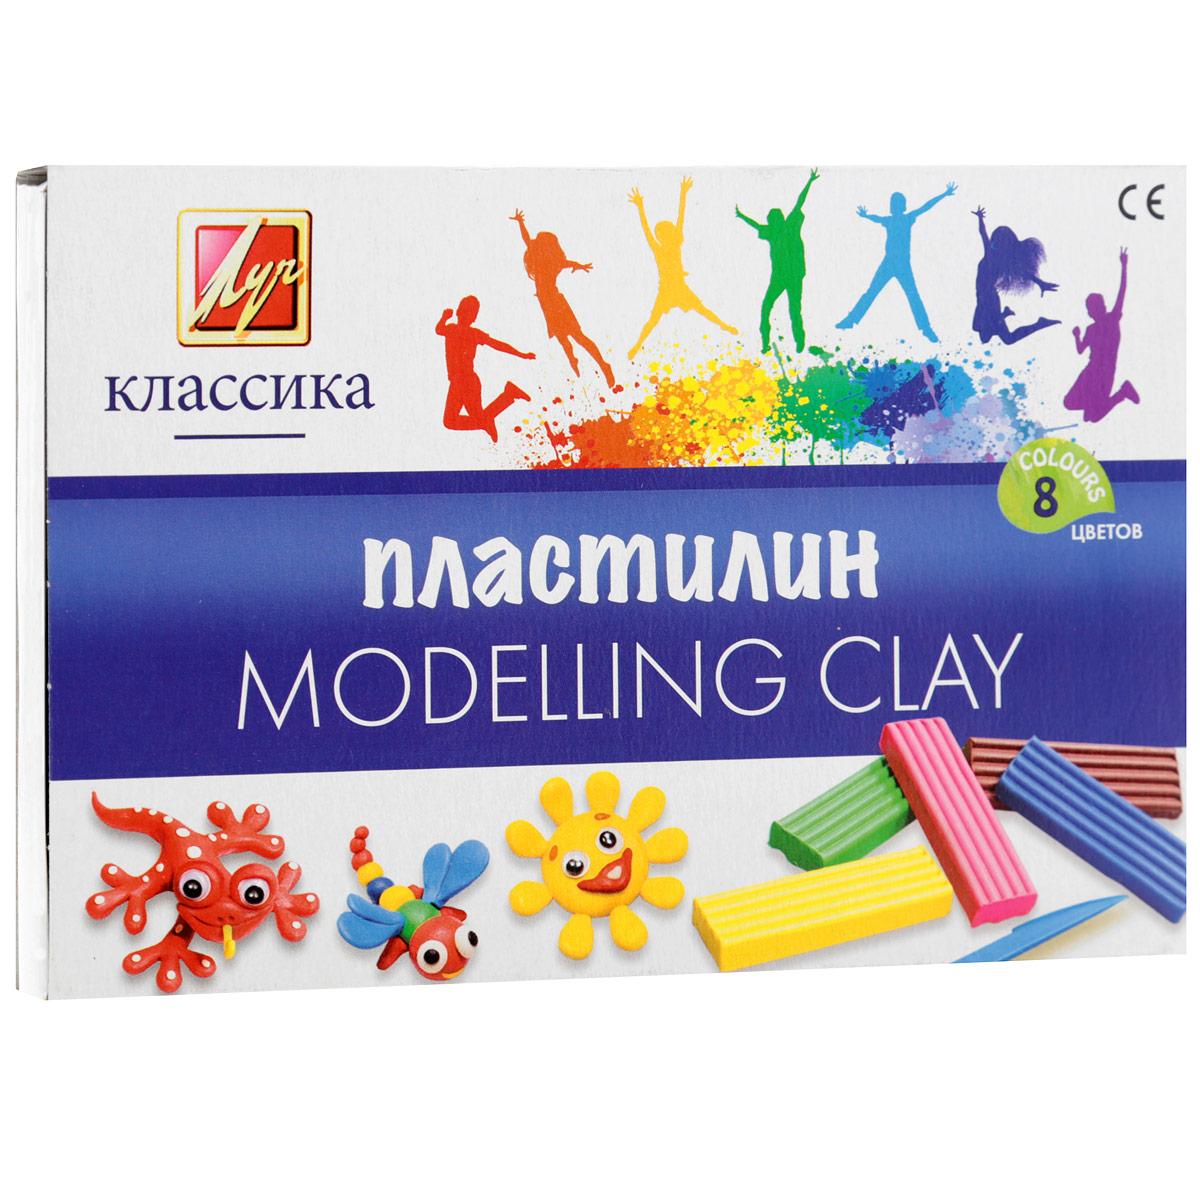 Пластилин Луч Классика, со стеком, 8 цветов пластилин детский классика 16 цветов 20с 1329 08